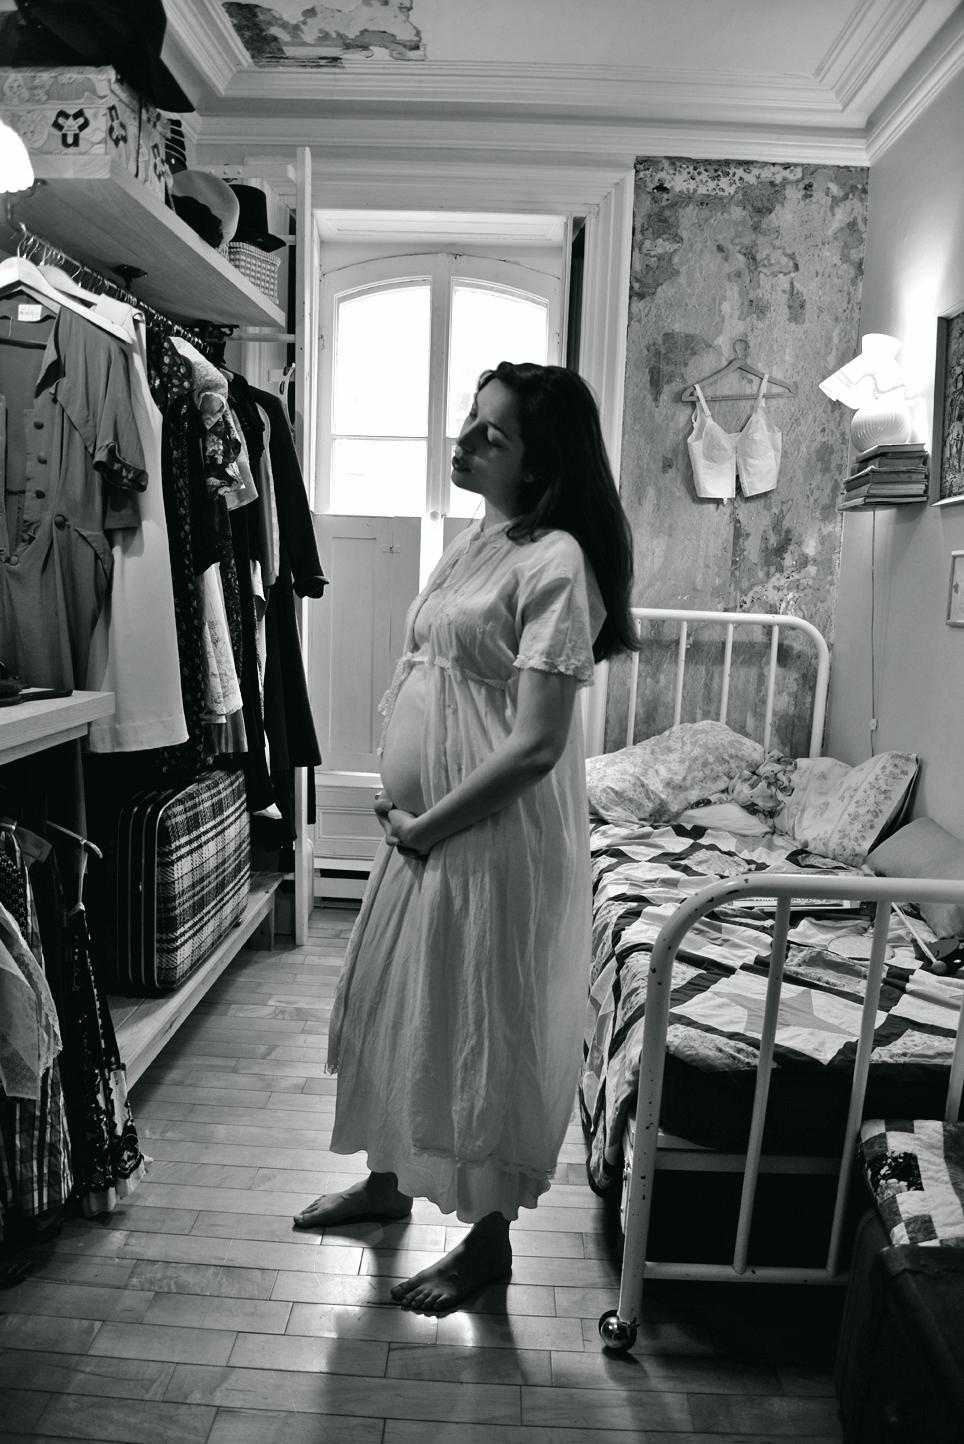 Essay 1940 S Fashion: À L'allure Garçonnière